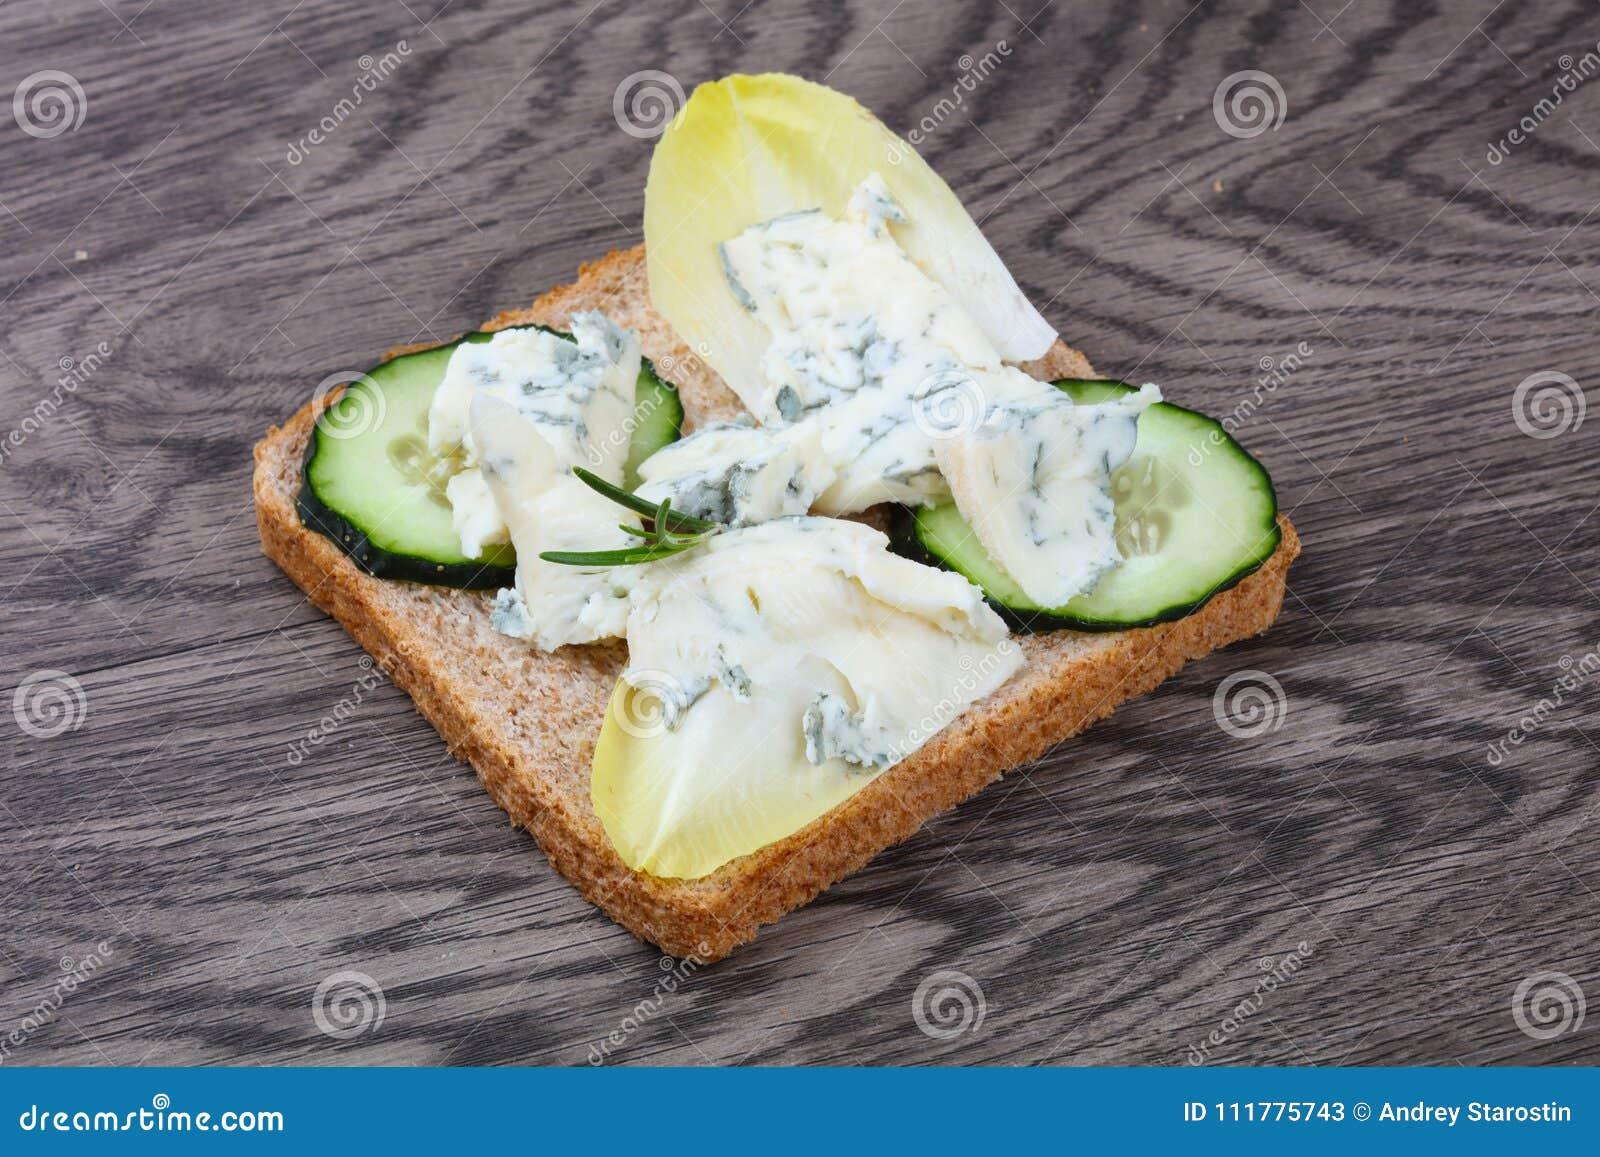 Sandwich with gorgonzola